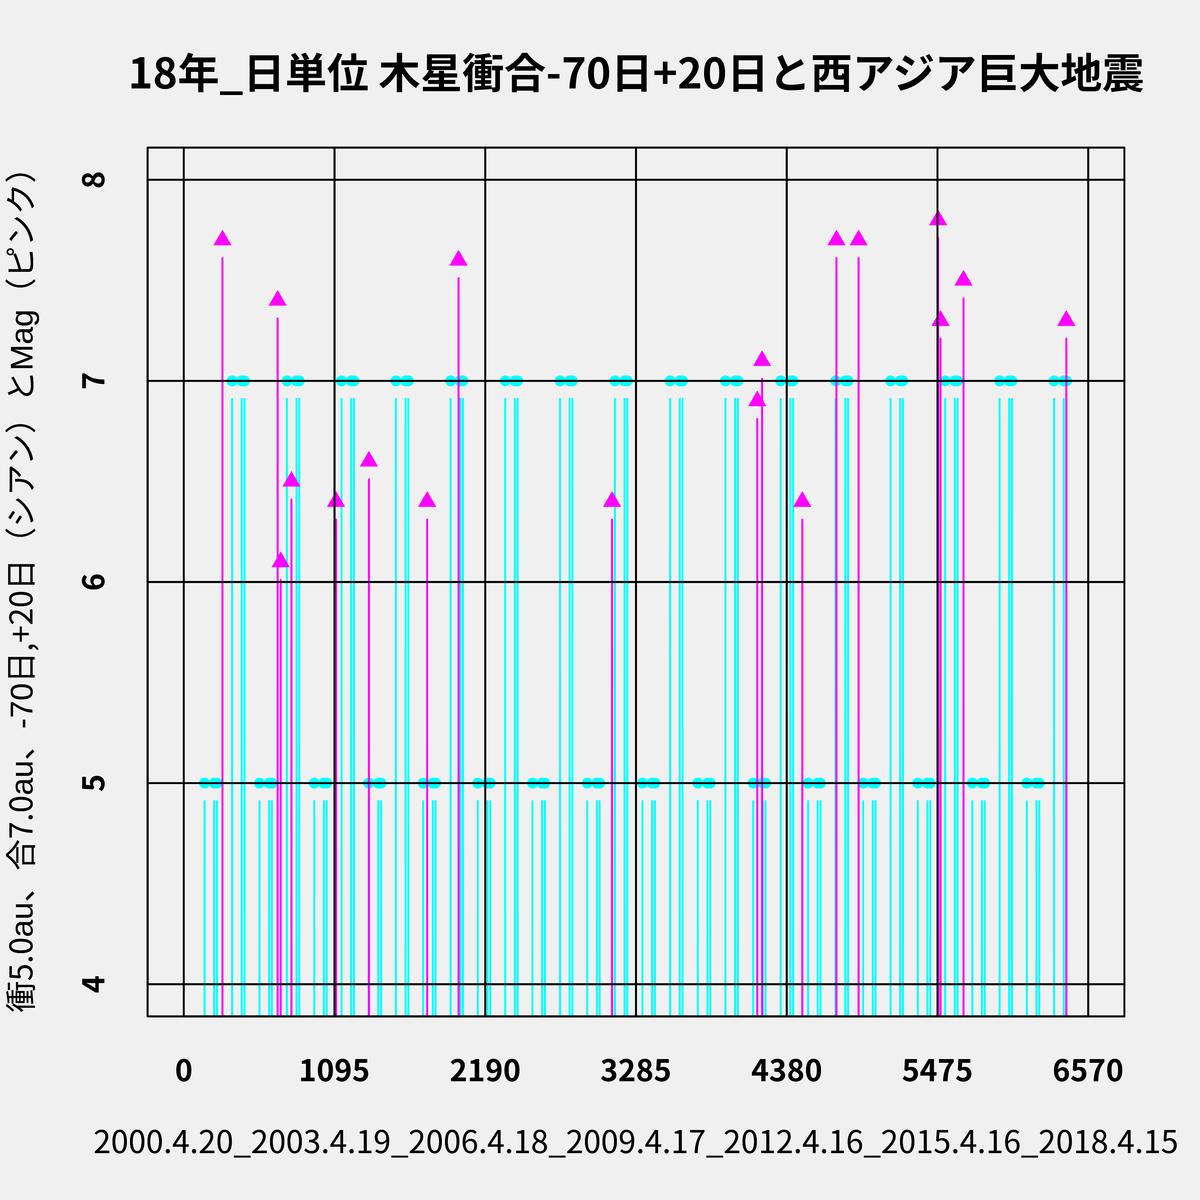 f:id:yoshihide-sugiura:20200124081124p:plain